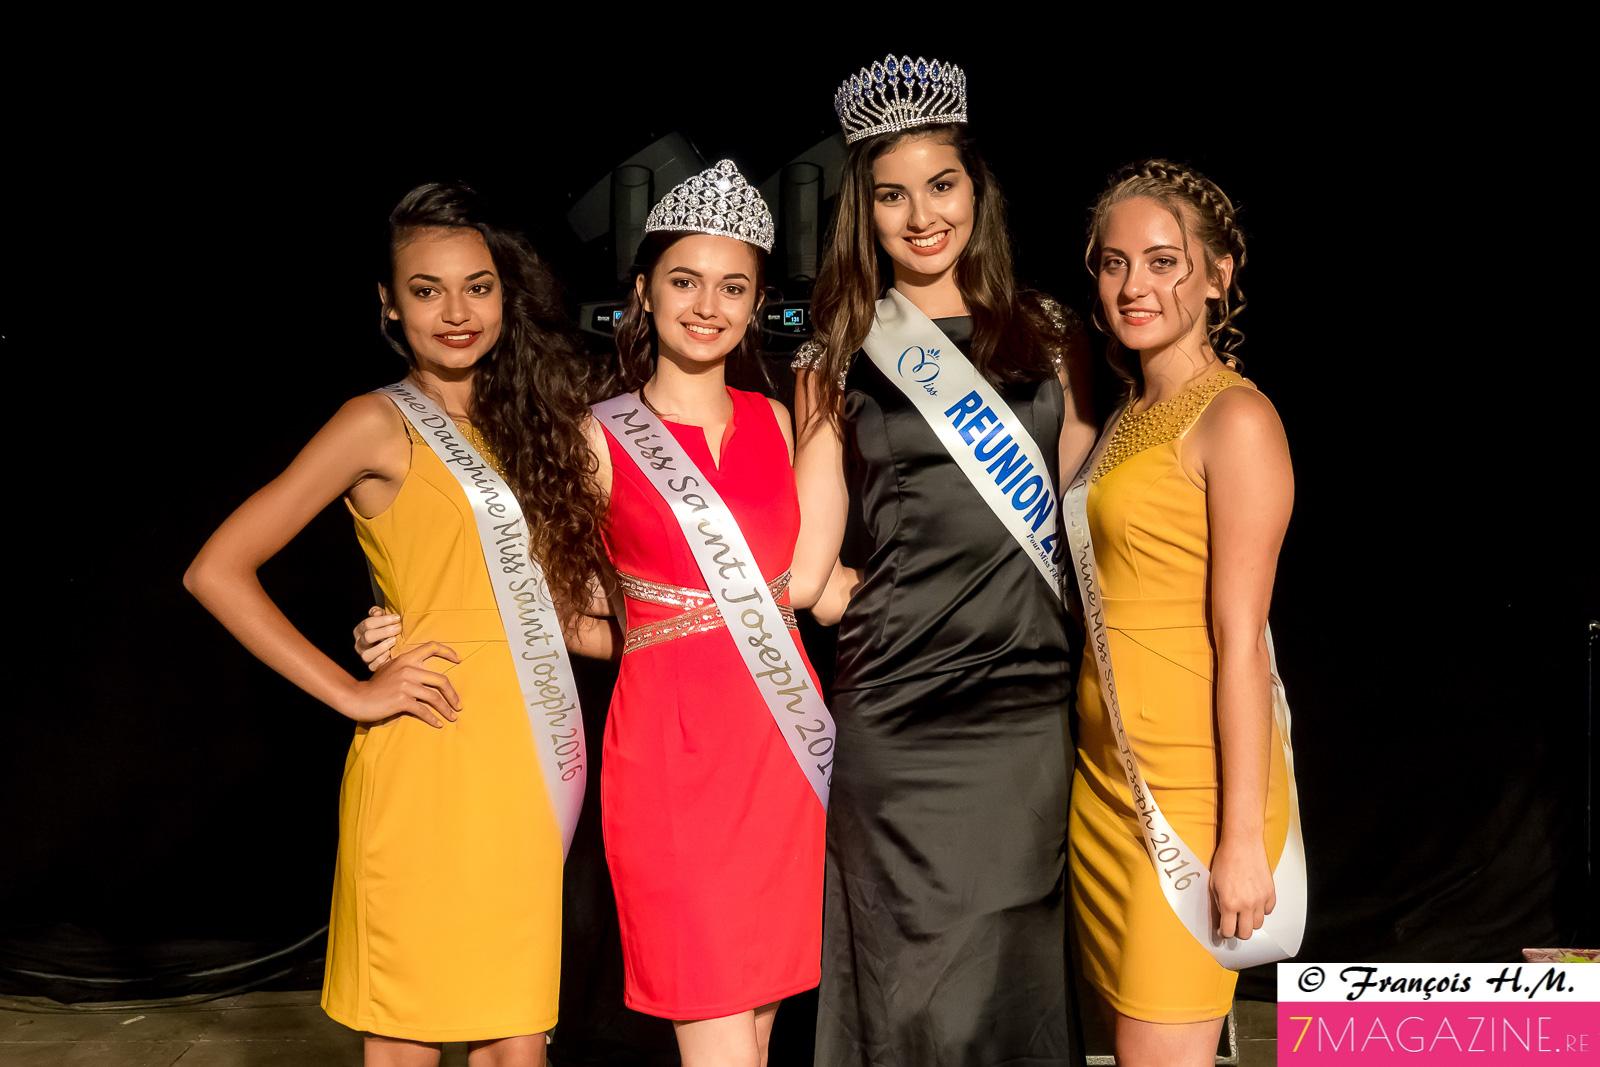 C'était la dernière élection communale à laquelle assistait Ambre N'guyen, elle part pour Miss France ce mercredi 15 novembre